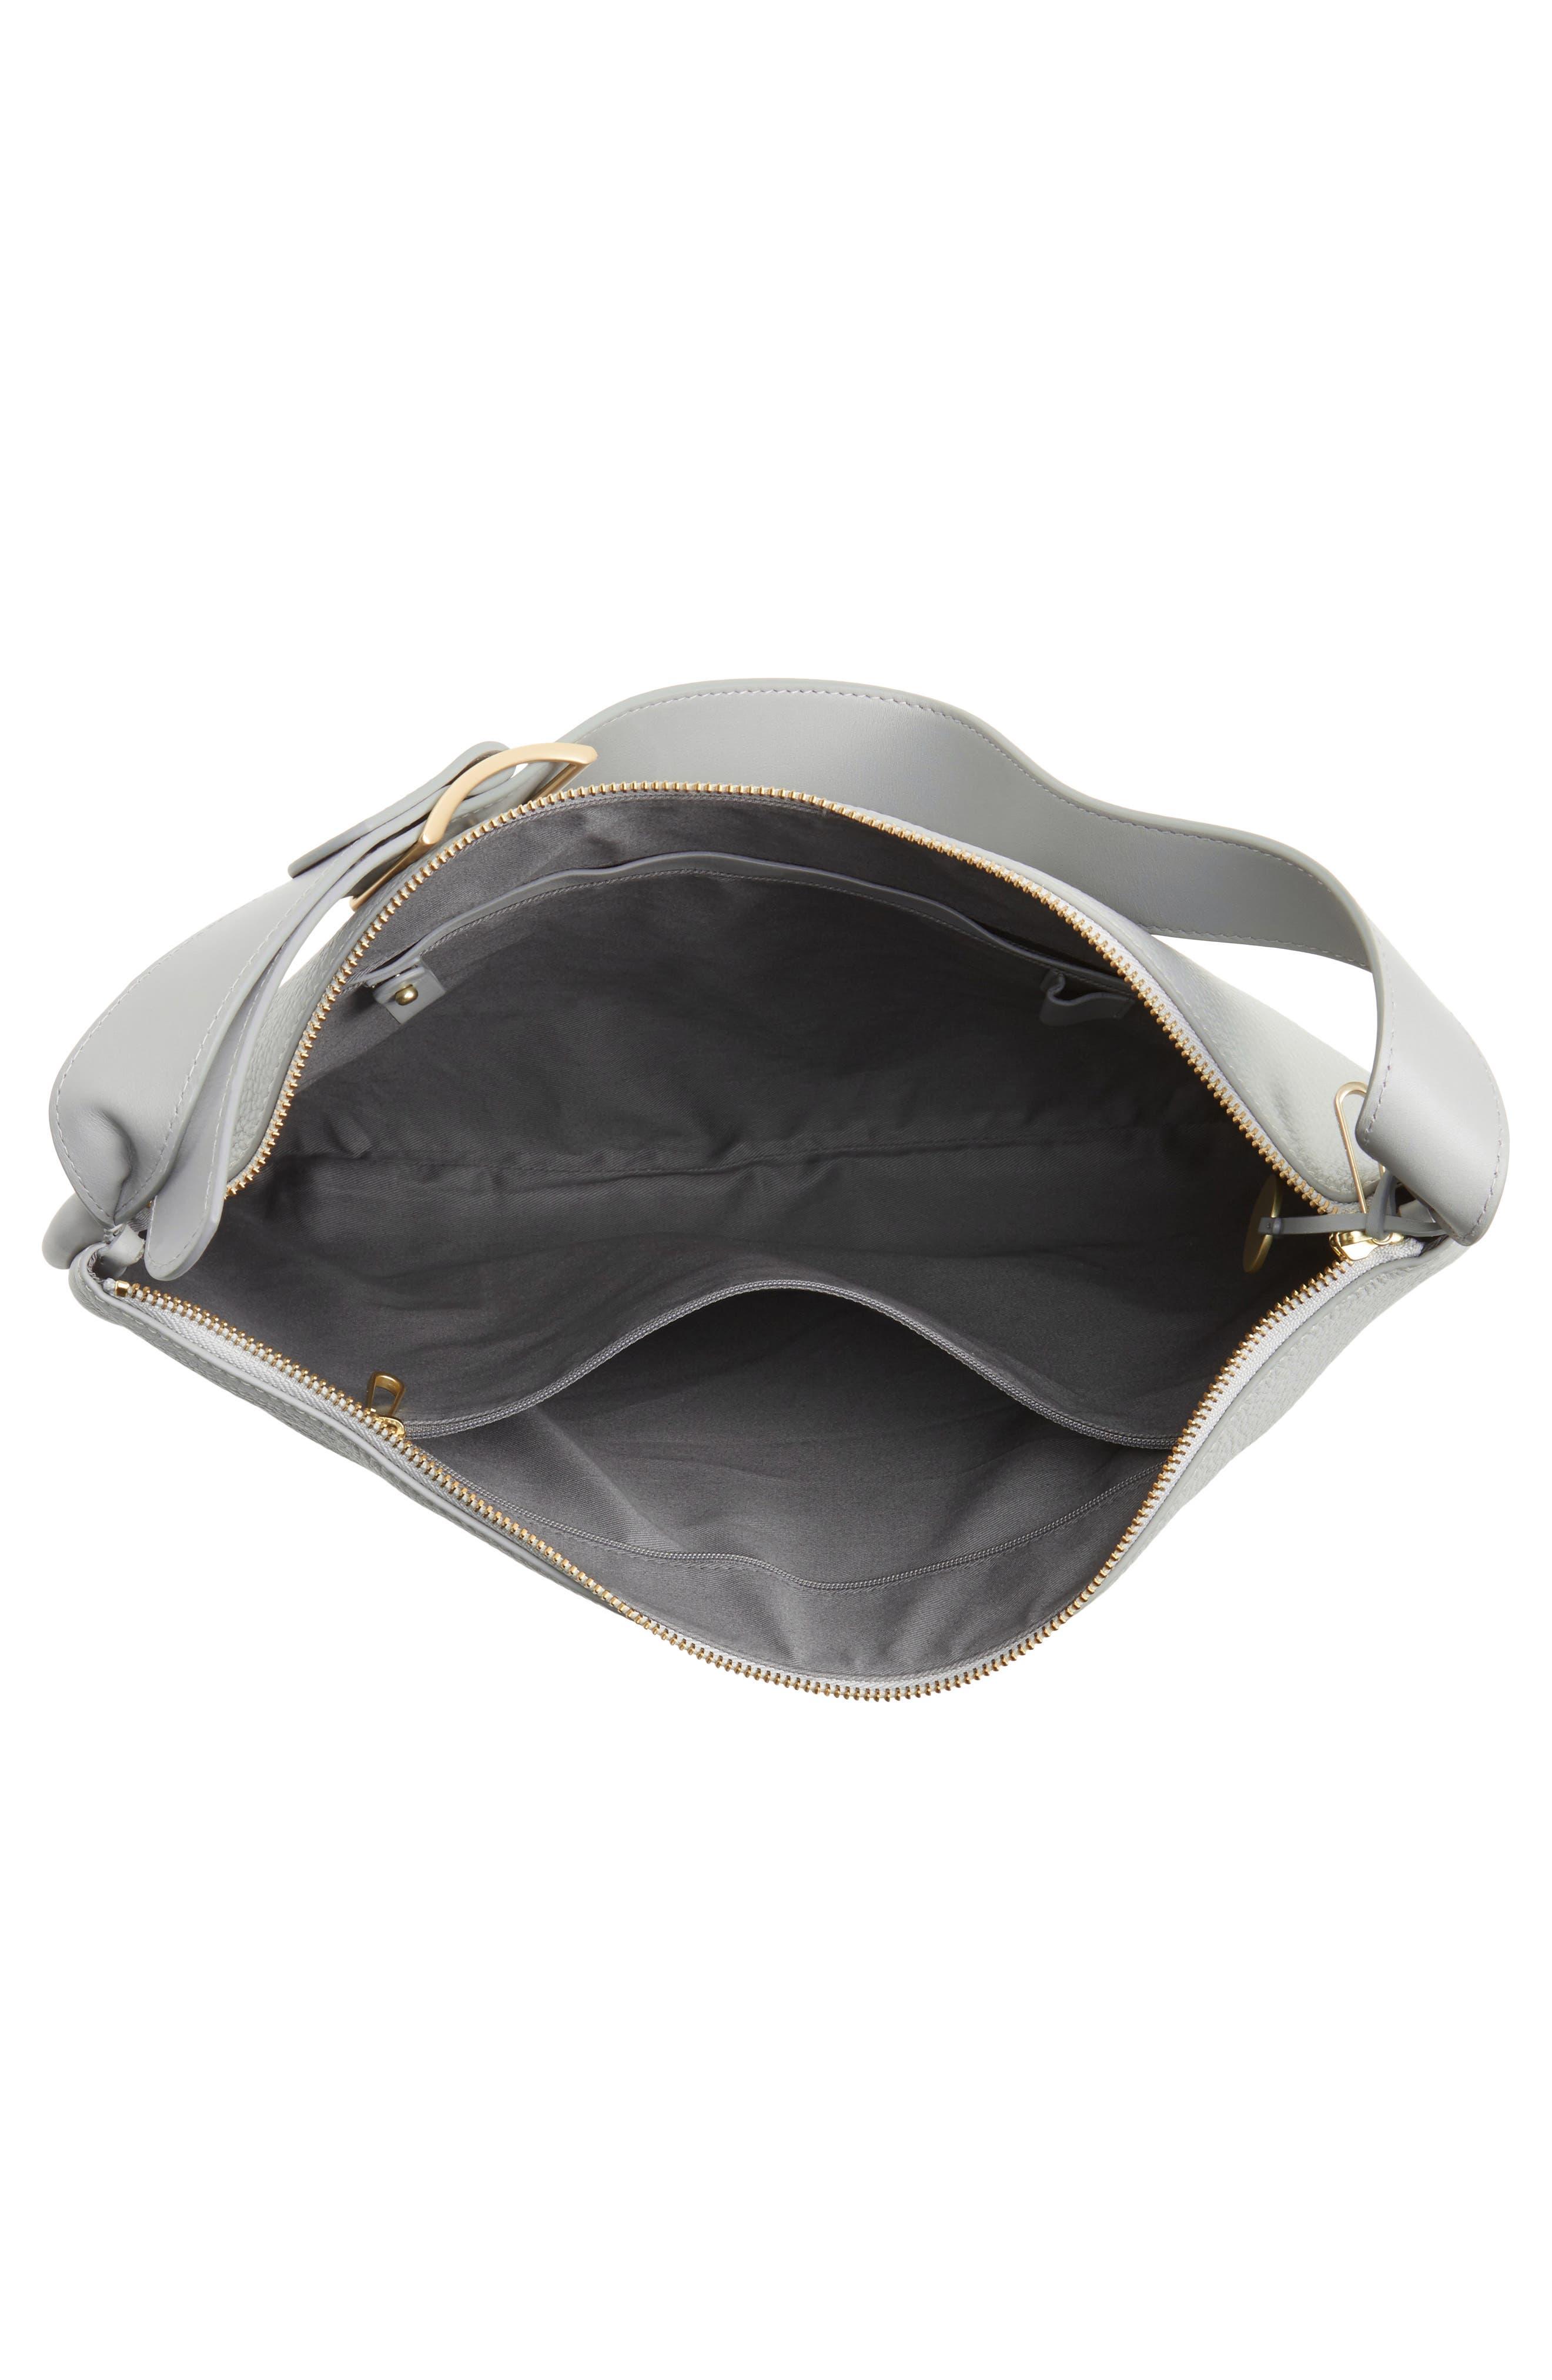 Anesa Leather Shoulder Bag,                             Alternate thumbnail 3, color,                             Light Ash